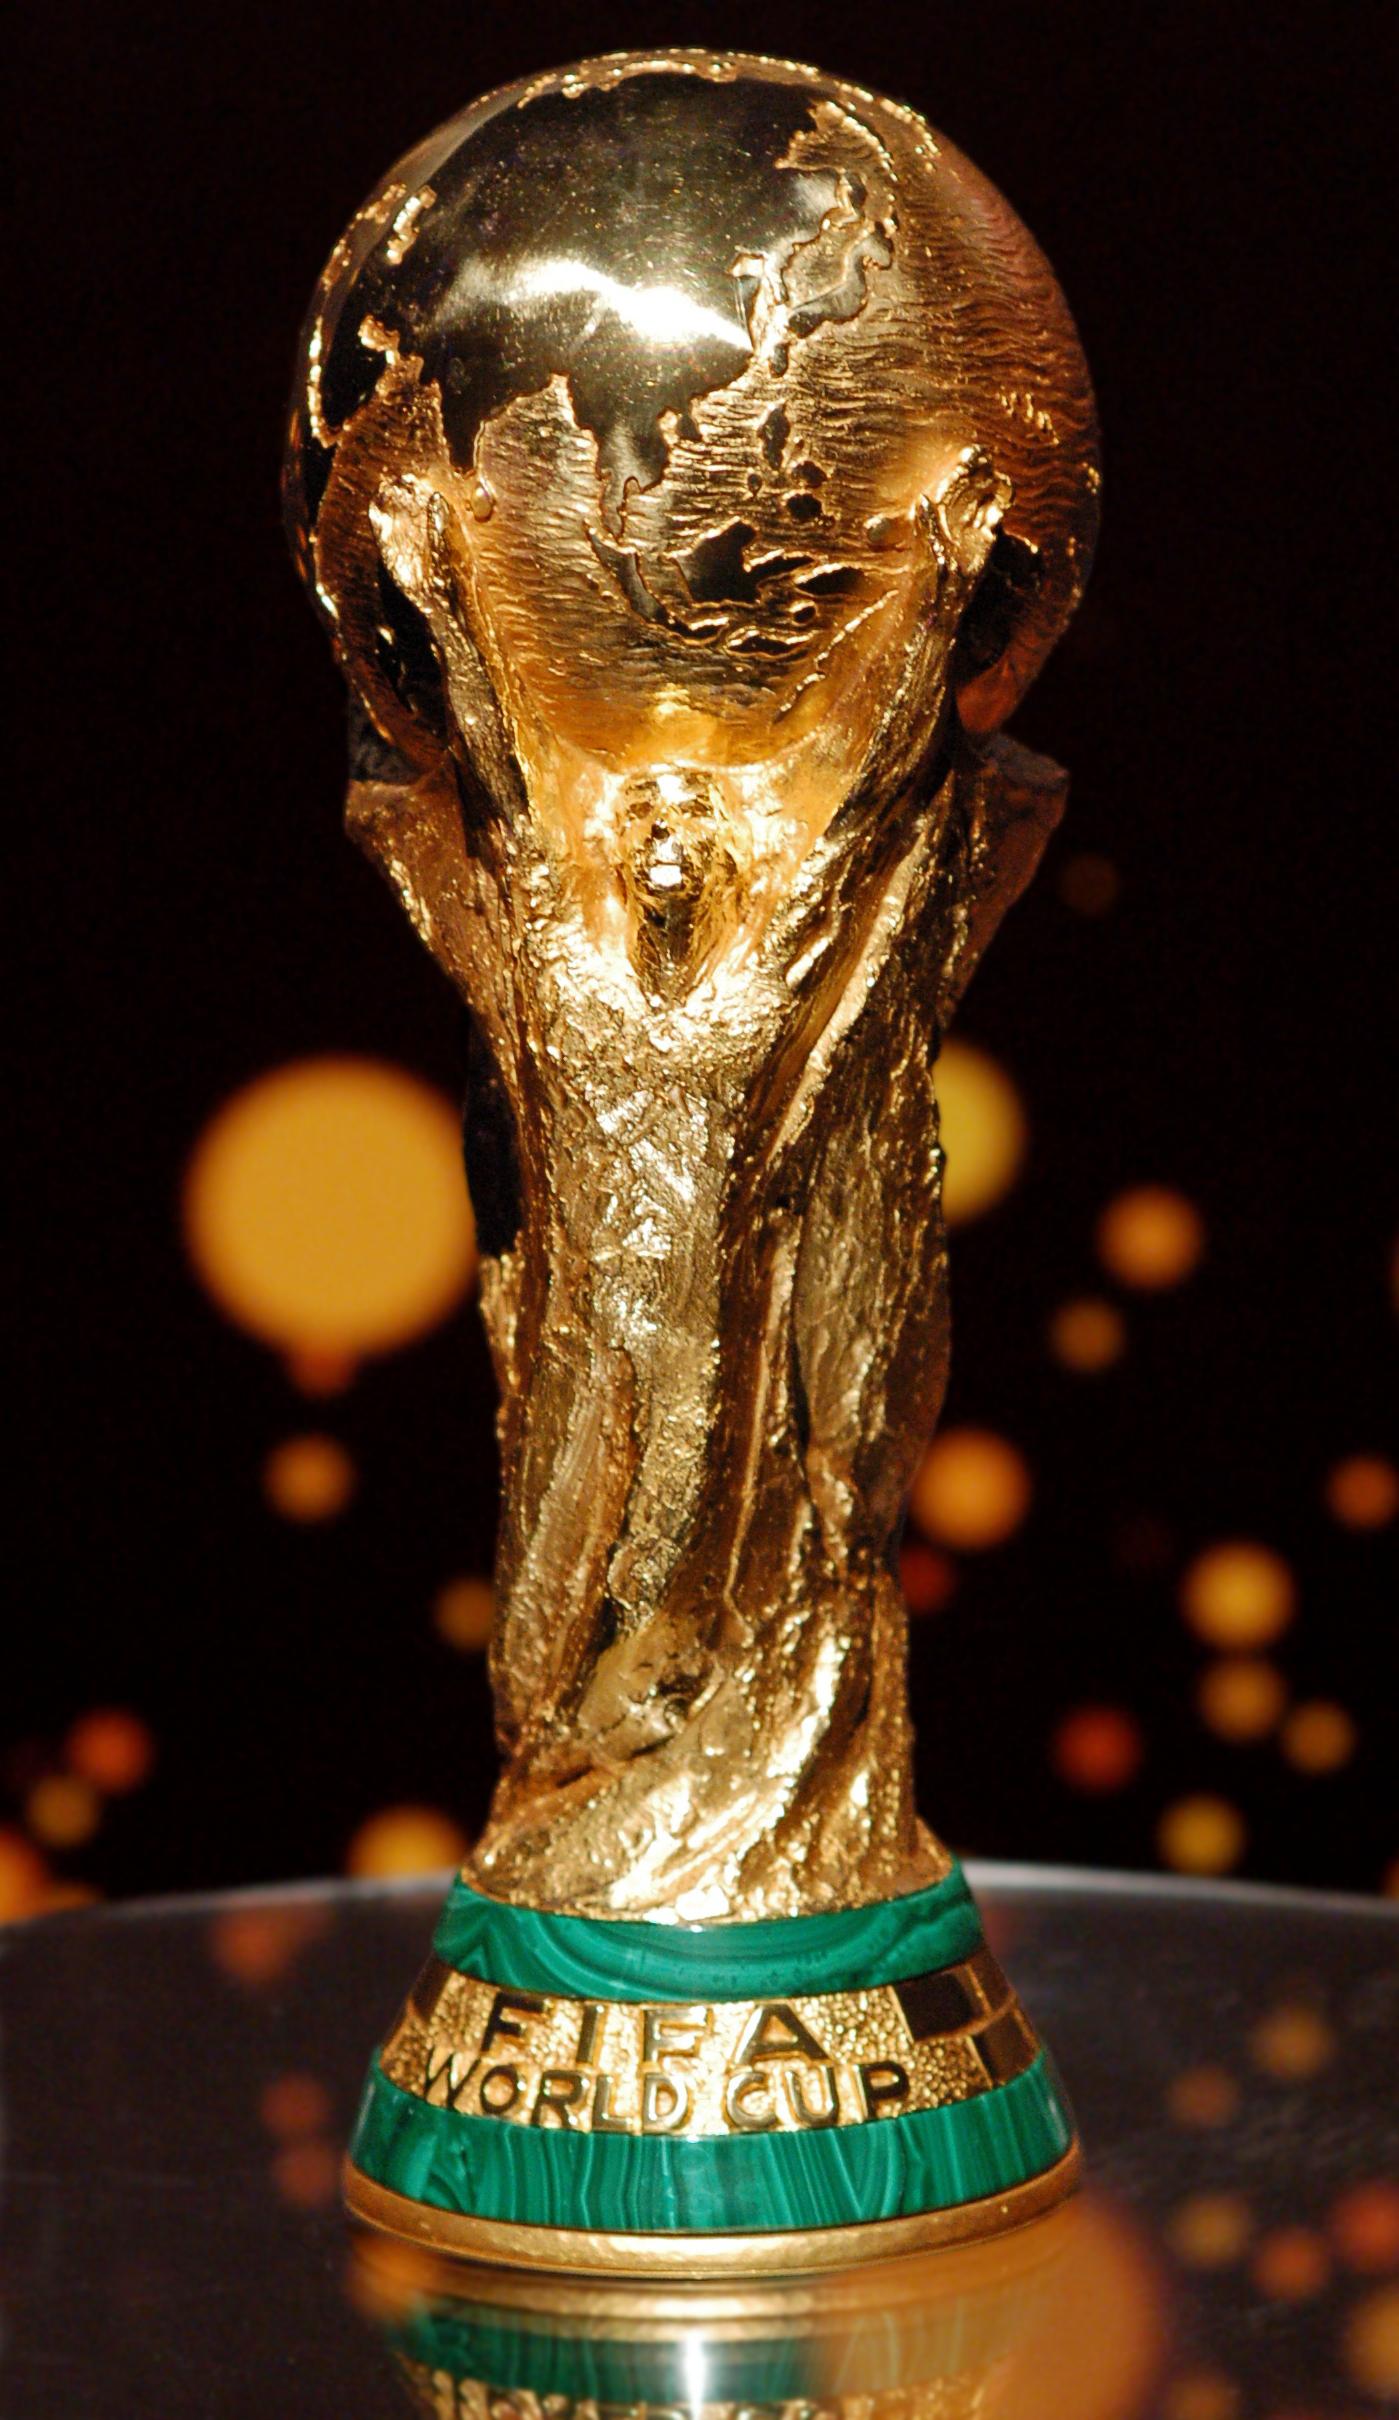 Lo que debes saber de la Copa Mundial de Fútbol Rusia 2018